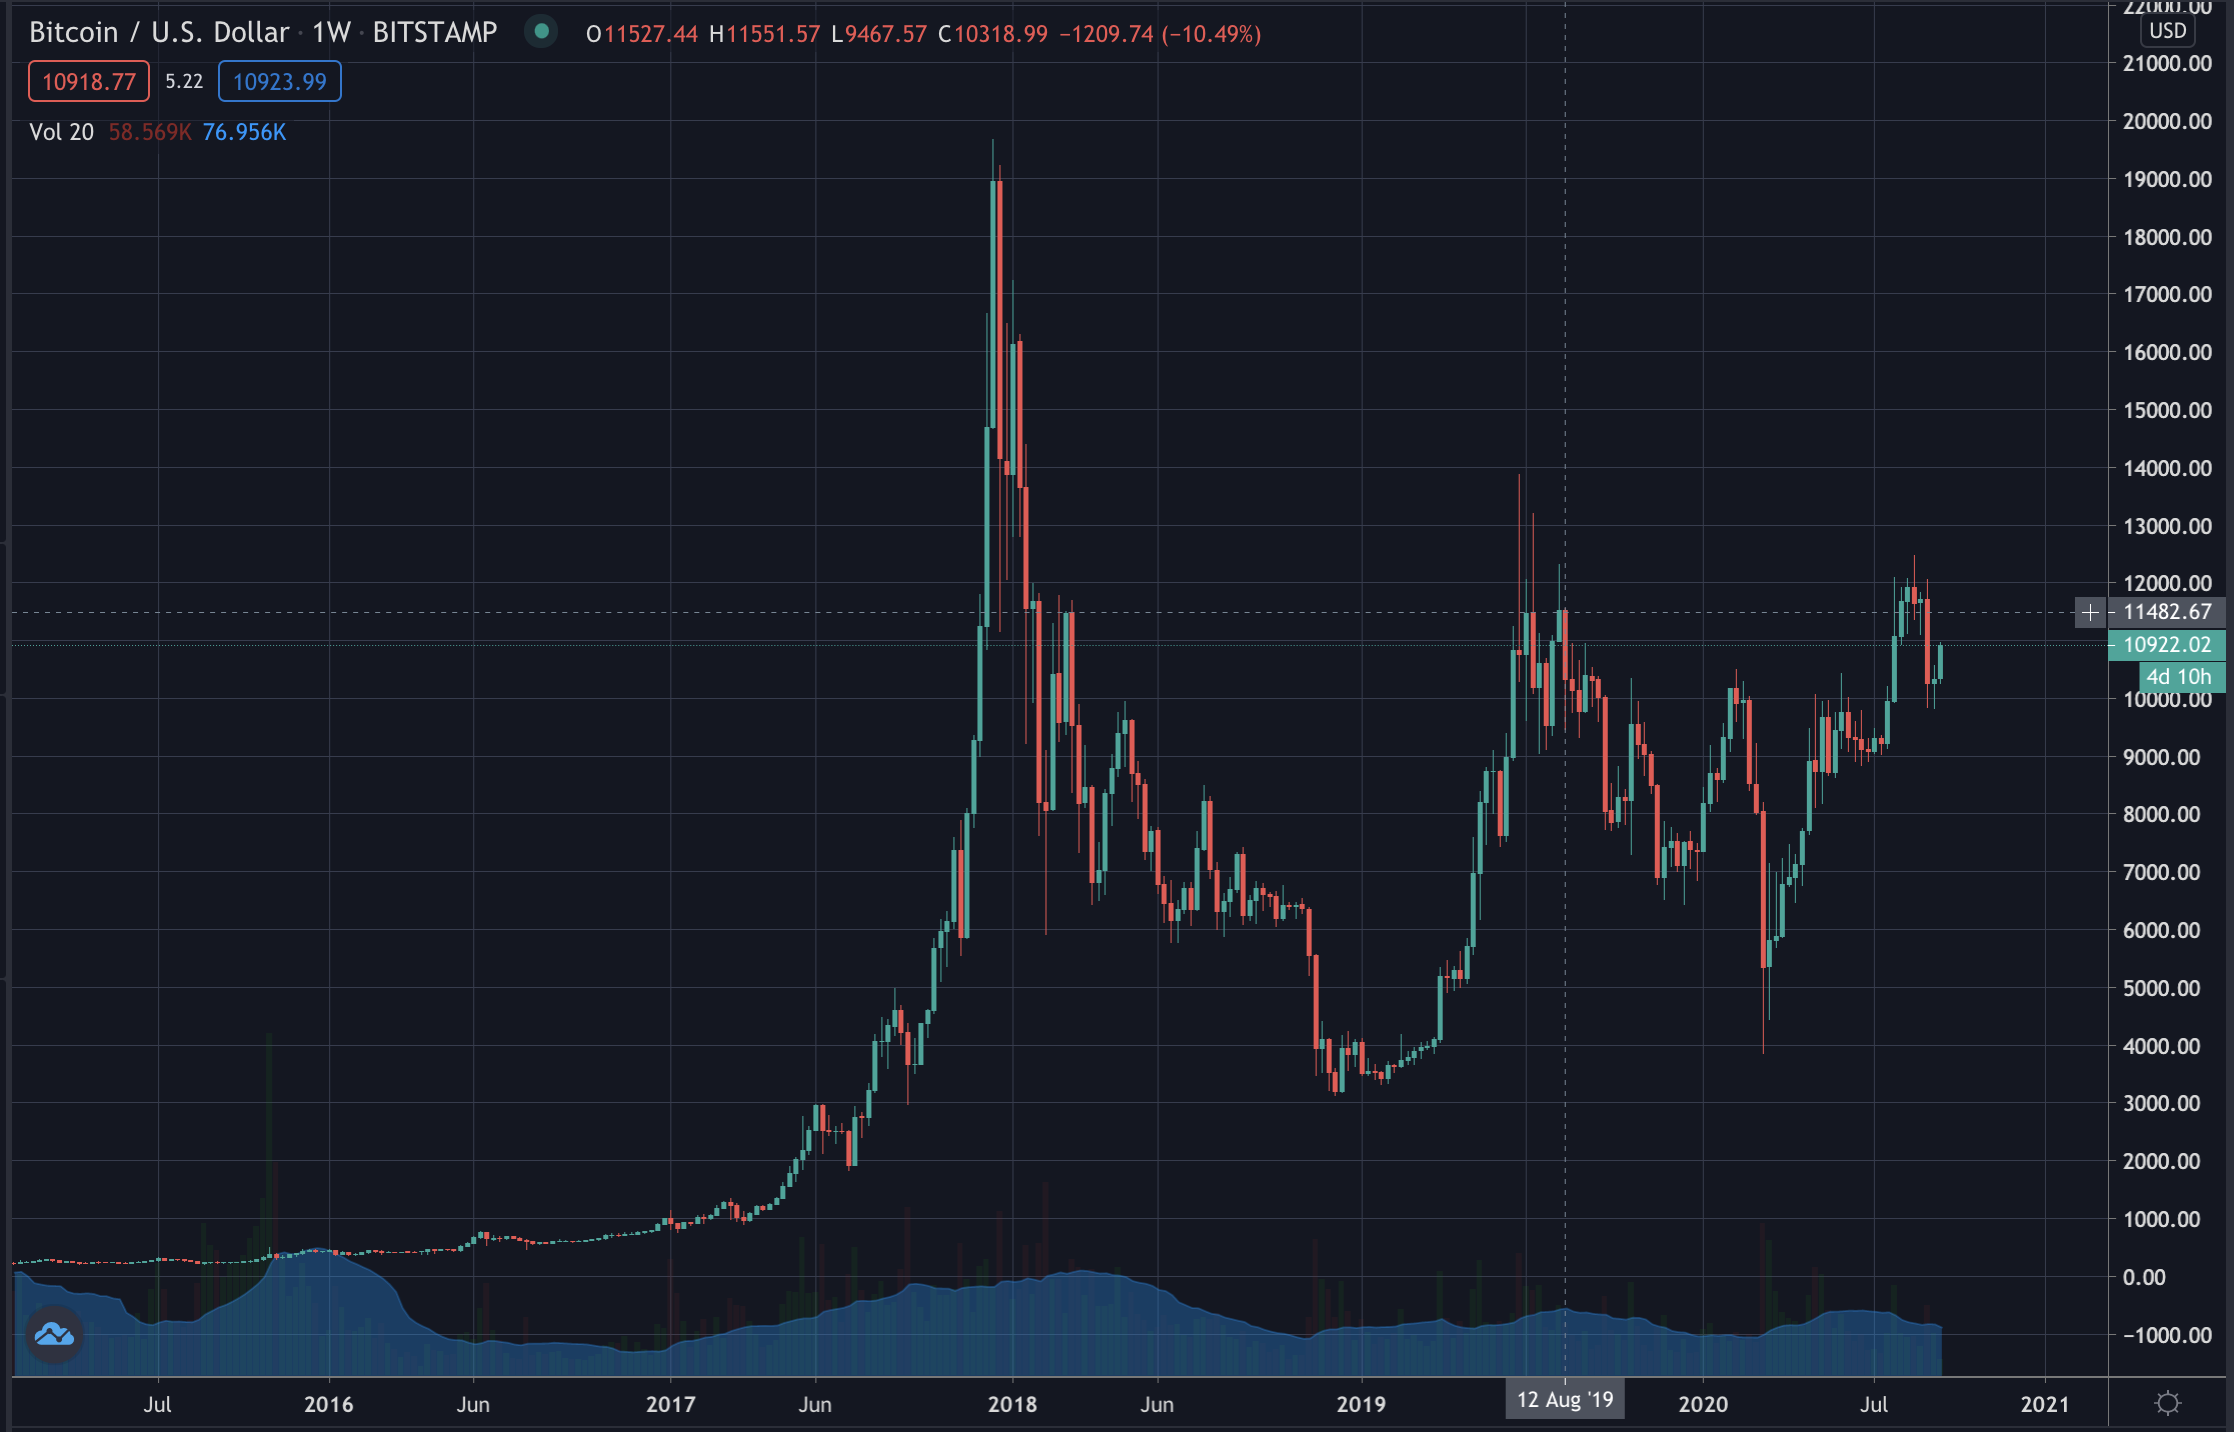 Bitcoin rises, Sep 2020